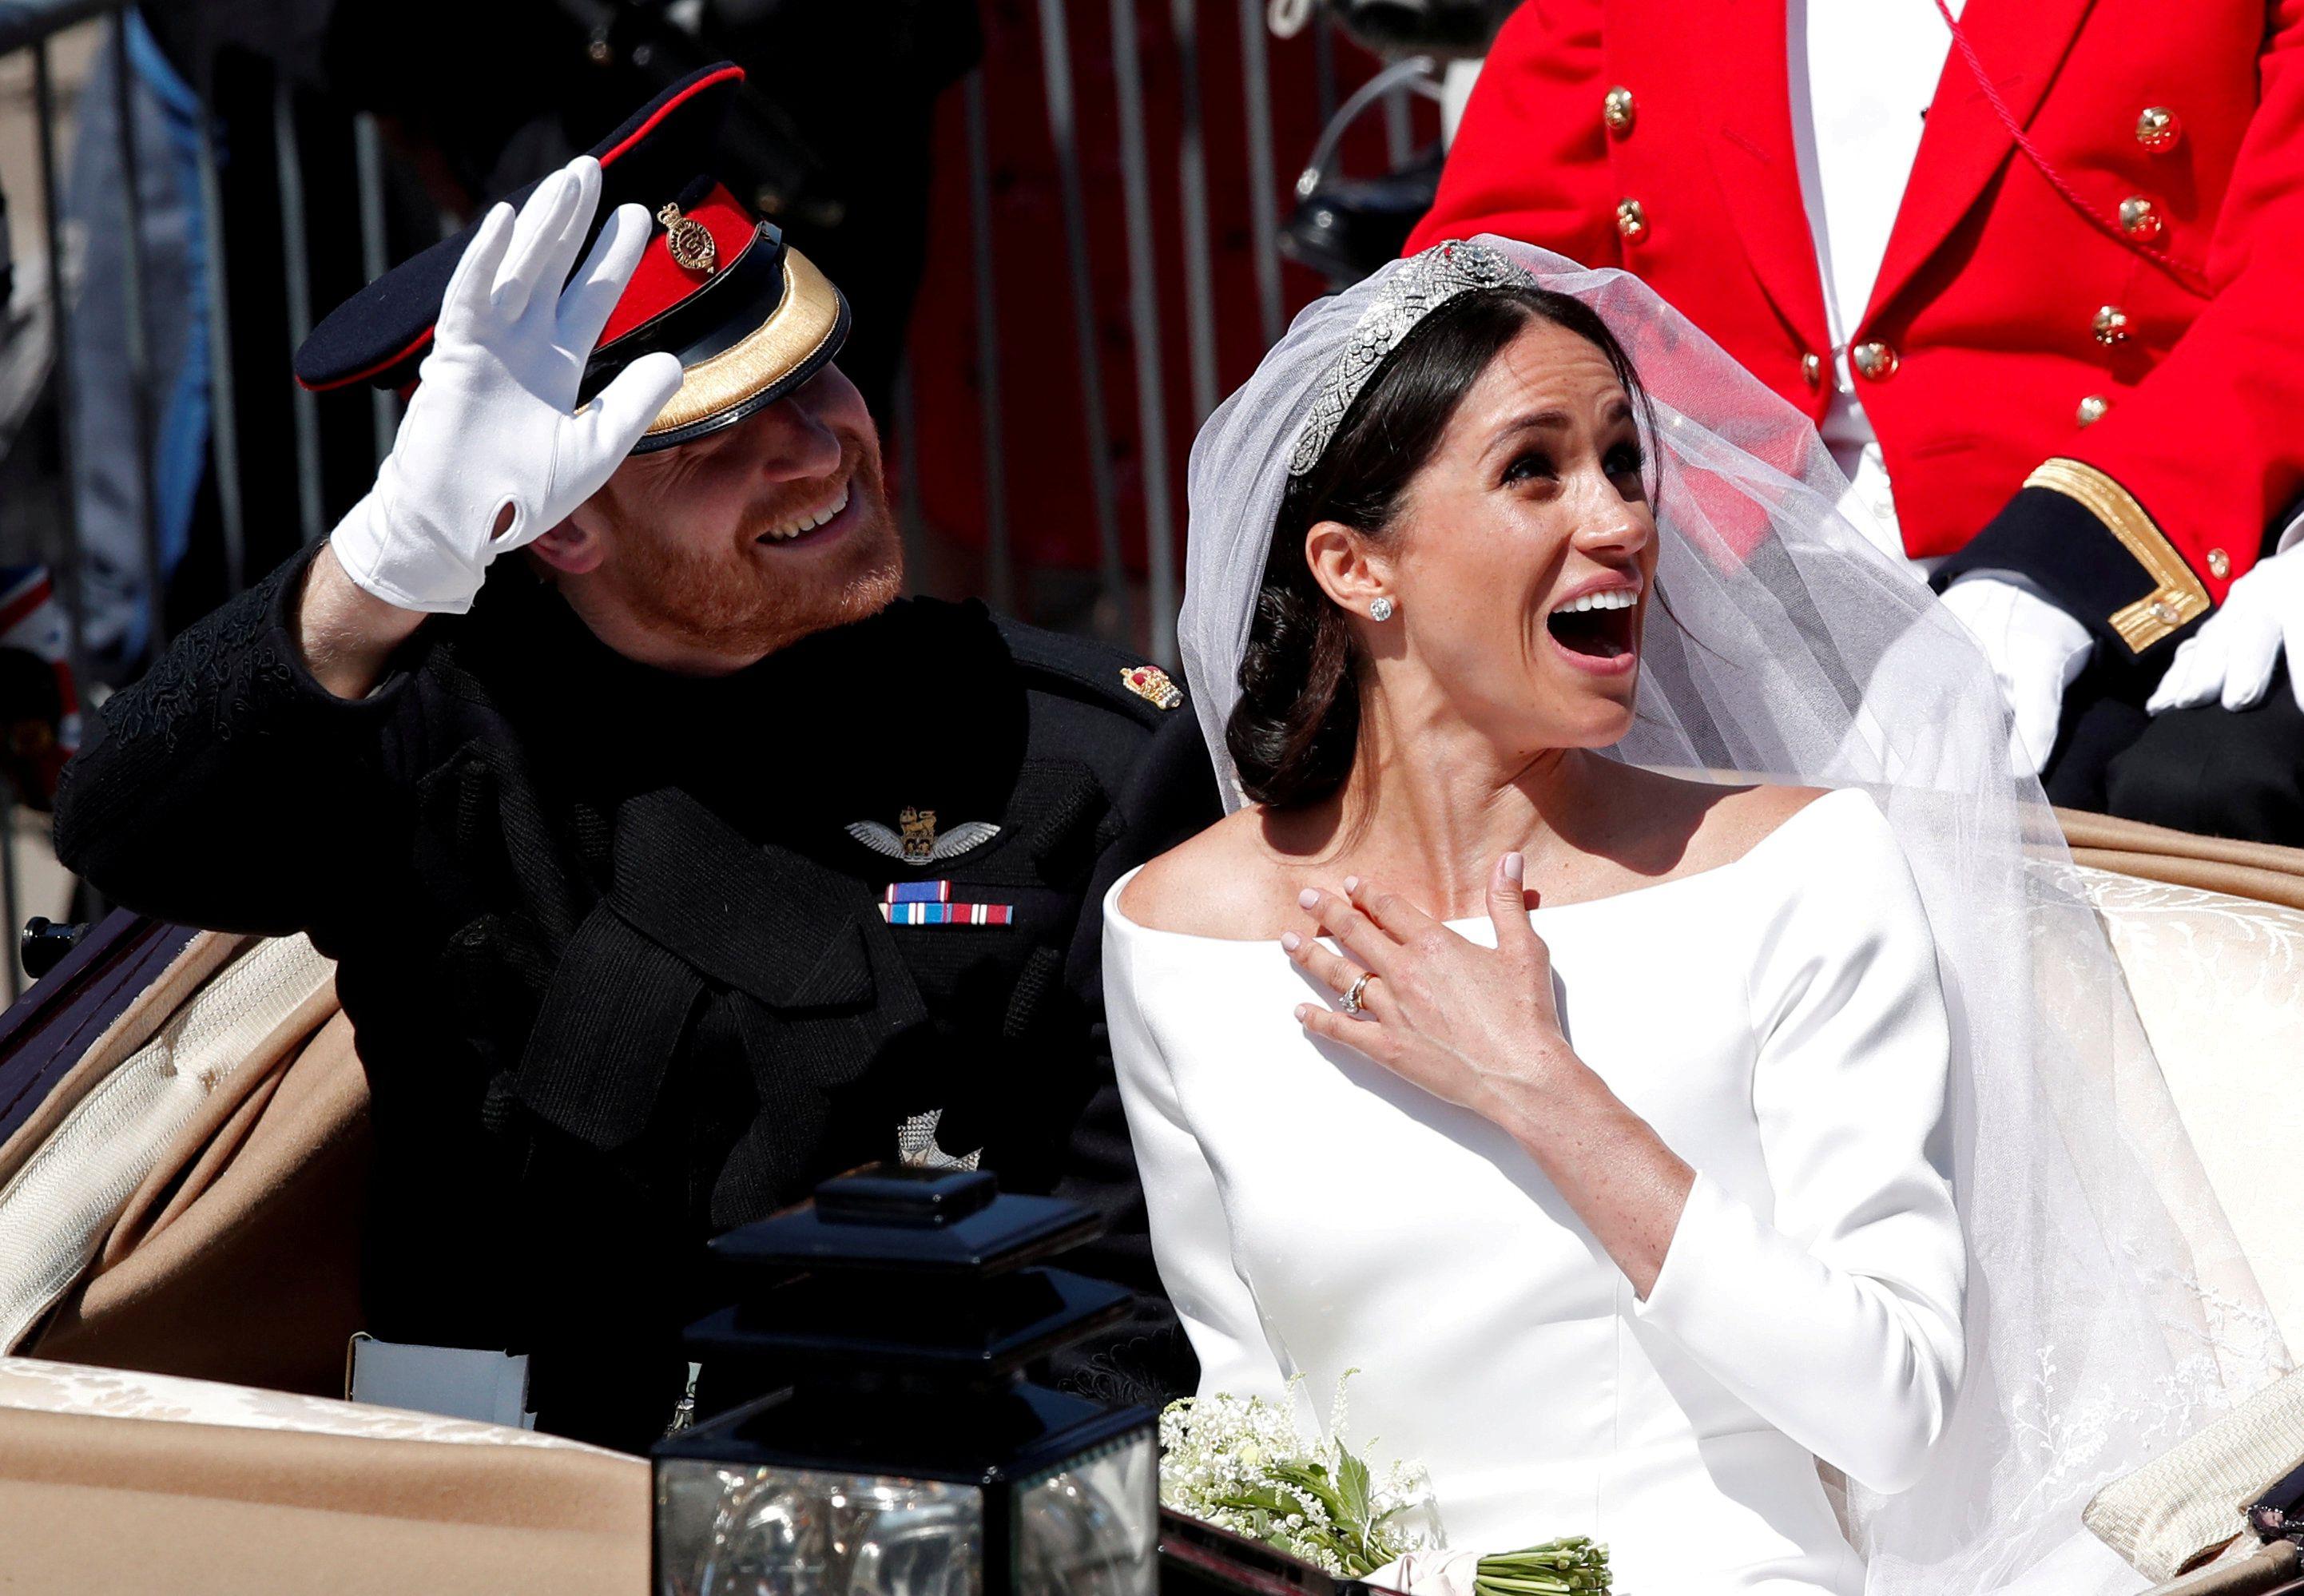 Od sada vjenčanicu Meghan Markle možete vidjeti i izbliza, kao i opravice mališana sa svadbe